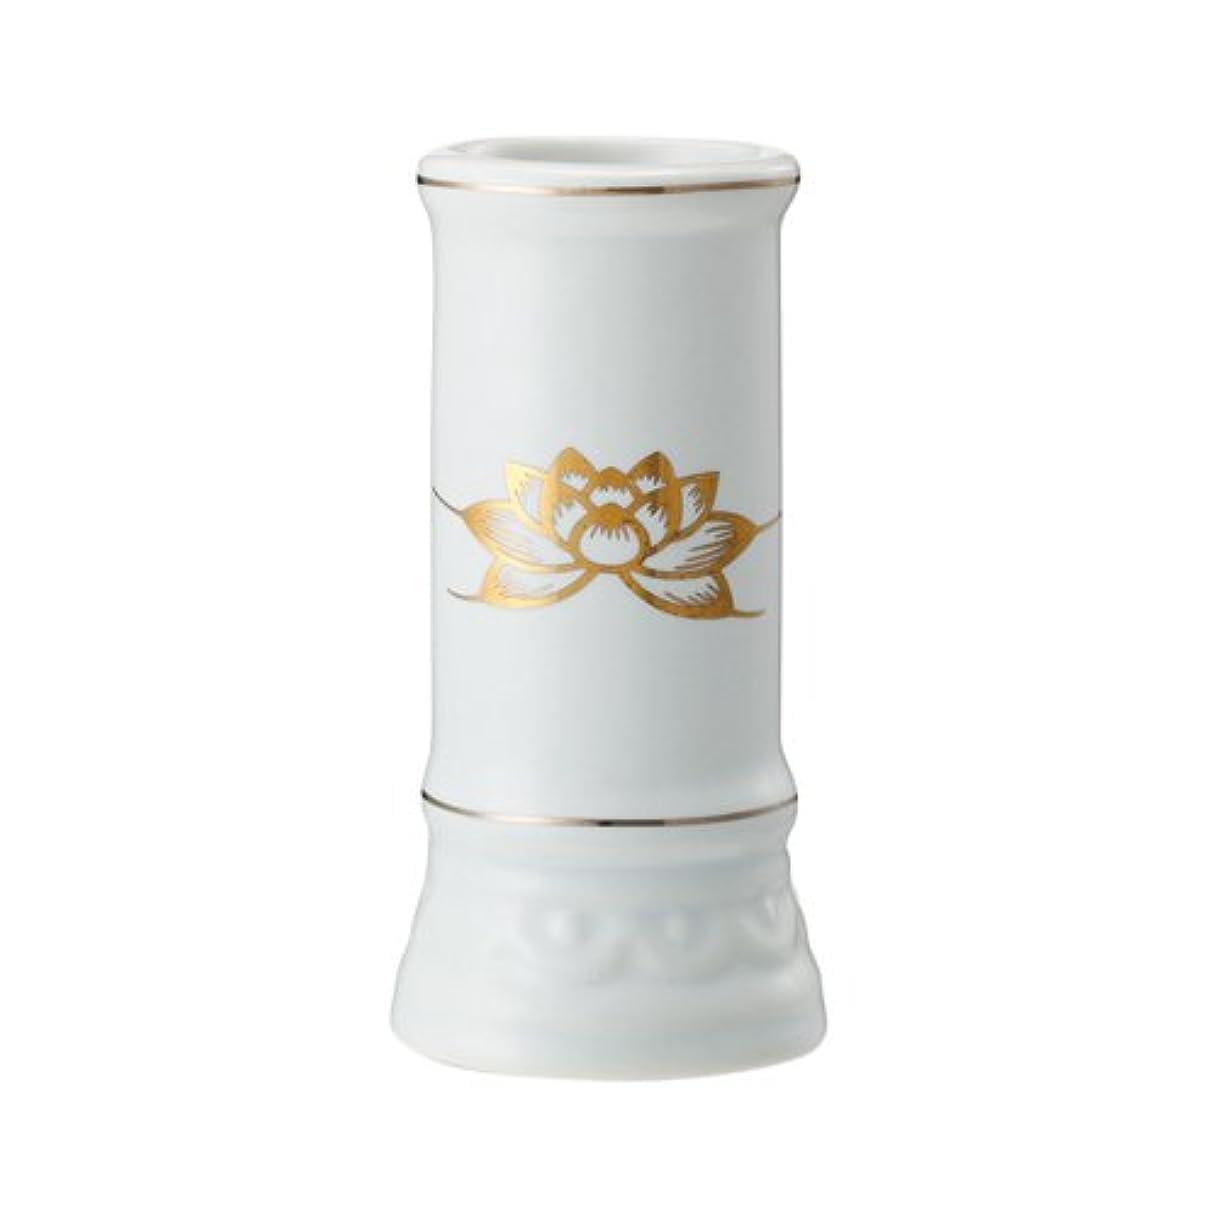 補正歪める眩惑する日本香堂 線香立て ミニ陶器白磁